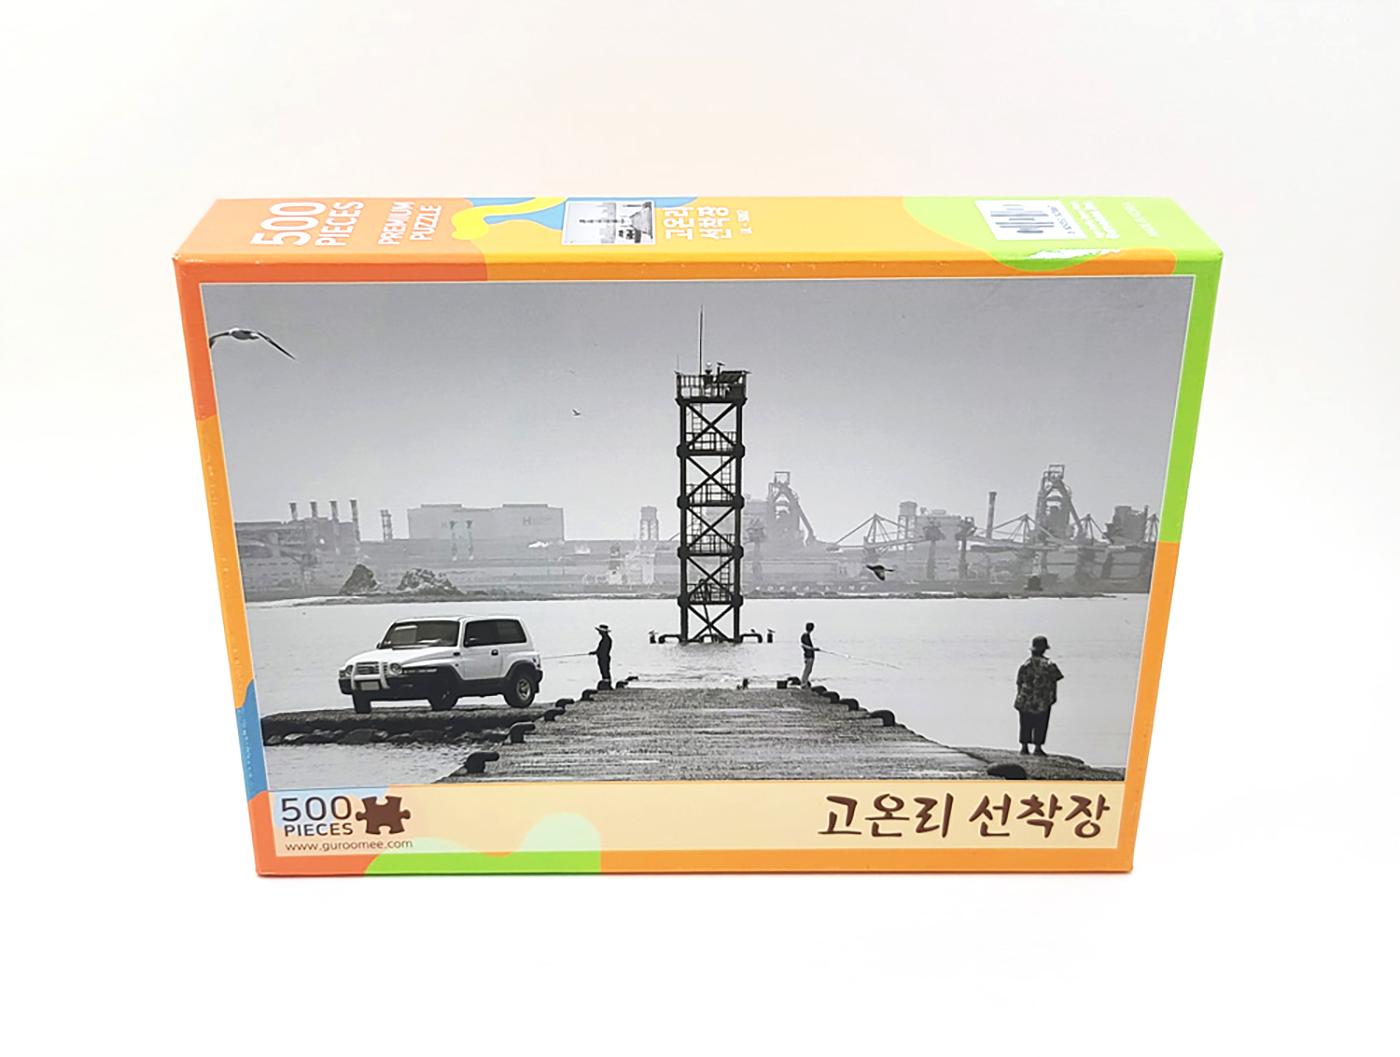 고온리 선착장 500피스 퍼즐/고온리 선착장 500피스 퍼즐 (6세이상) 상세이미지2